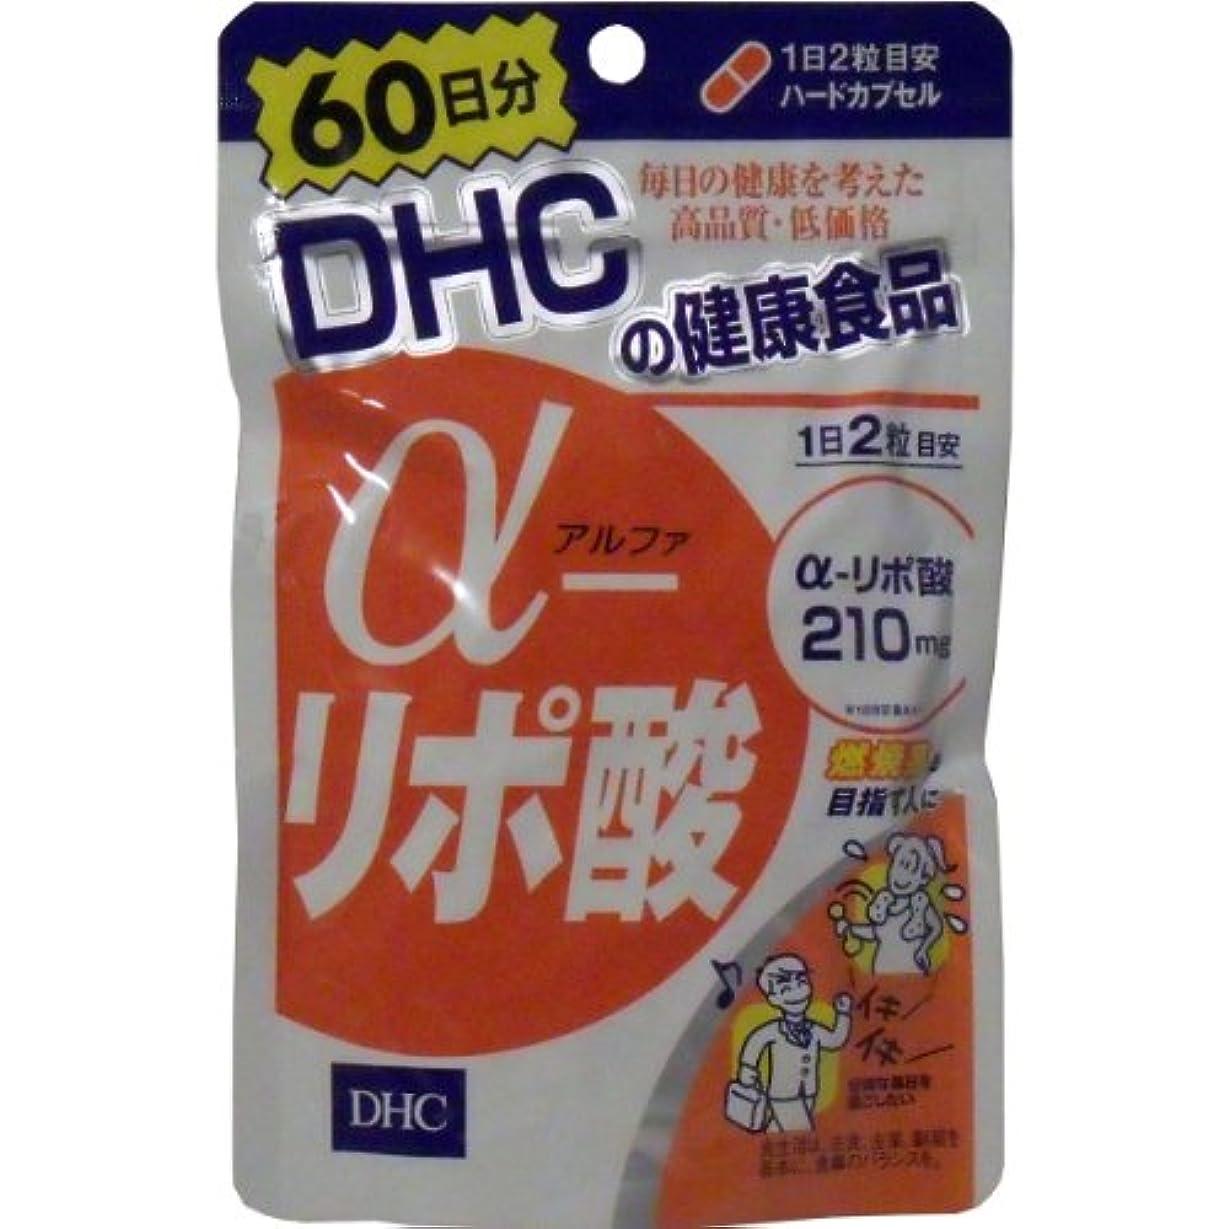 苦寂しい用量DHC α-リポ酸60日分 120粒×3個セット